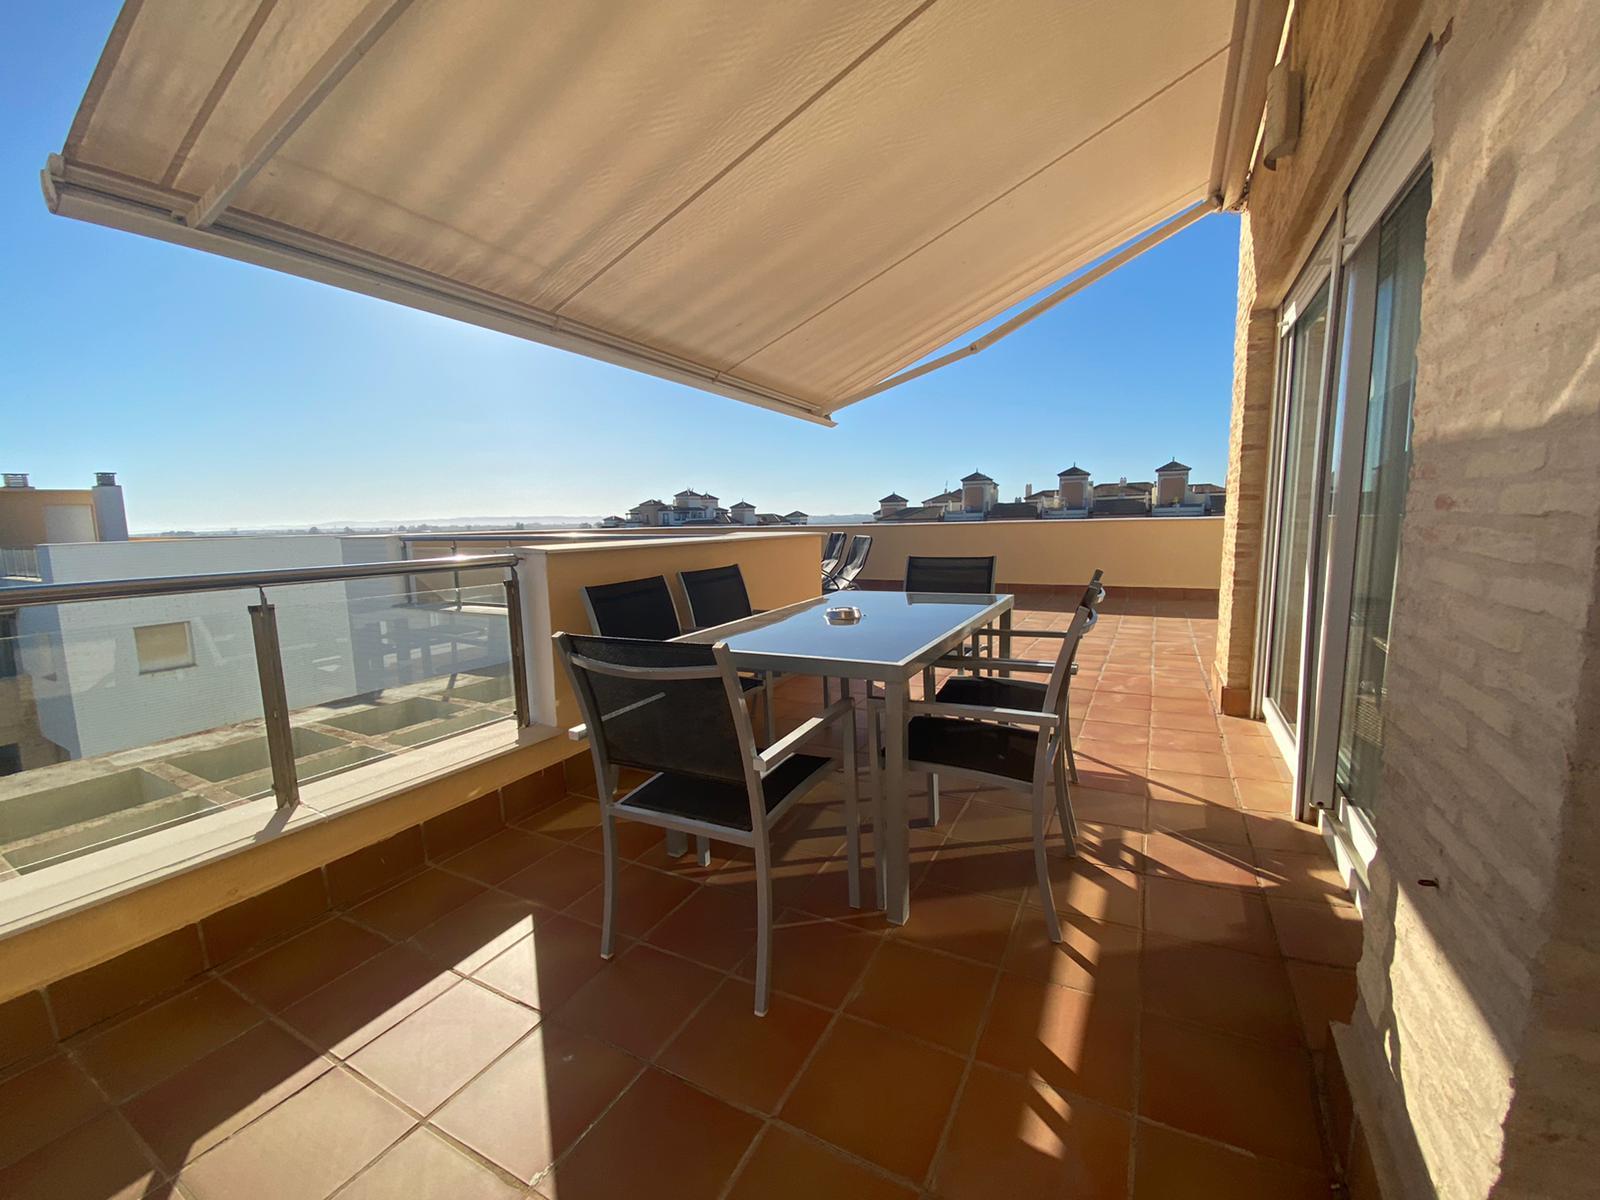 Imagen 41 del Apartamento Turístico, Ático 7 Levante (3d +2b), Punta del Moral (HUELVA), Paseo de la Cruz nº22